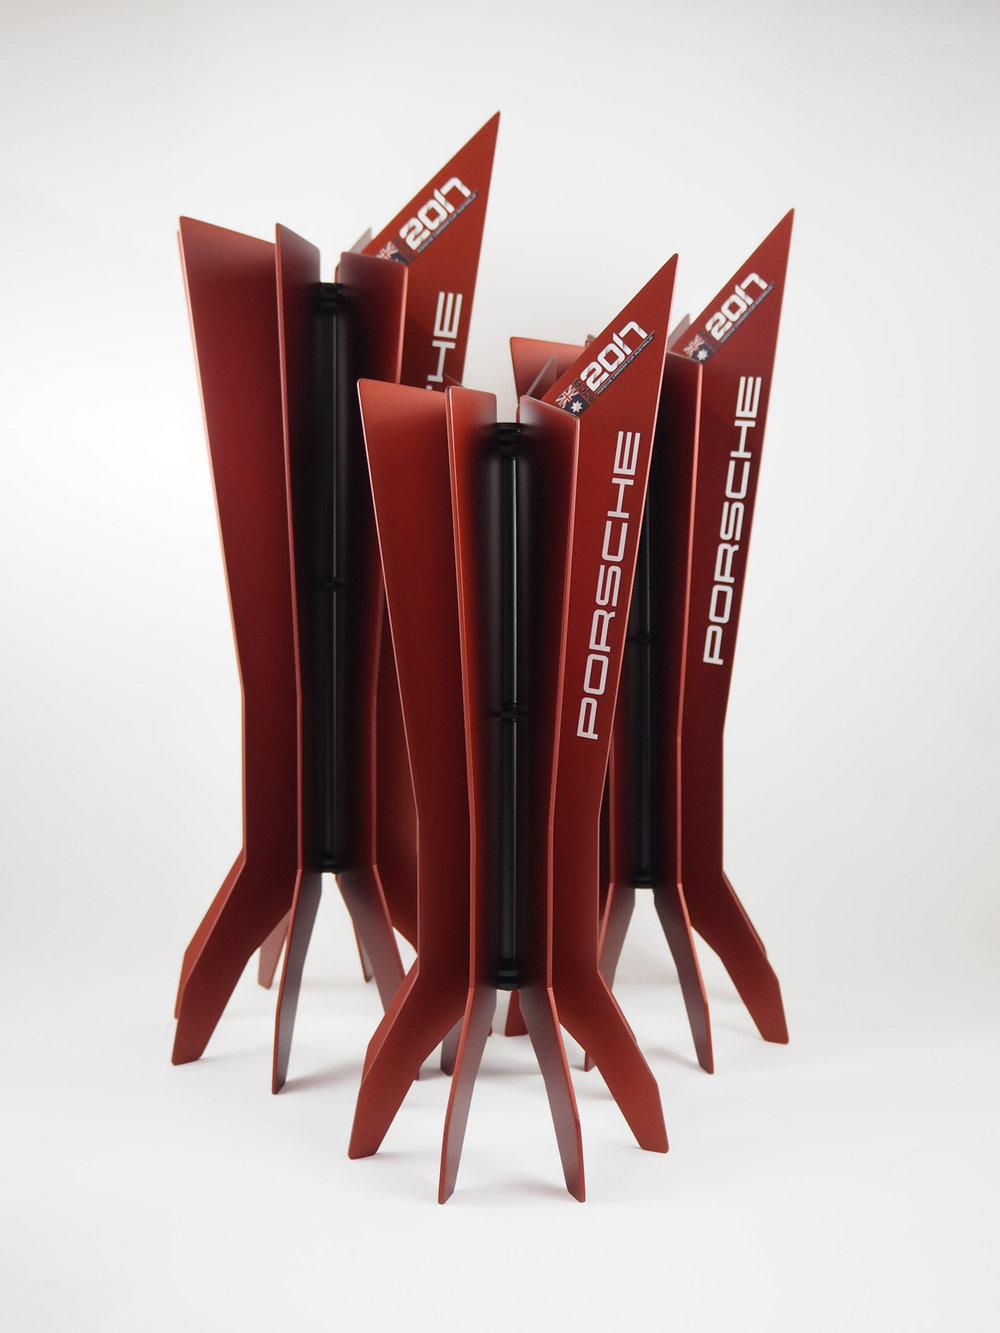 porsche-eos-aluminium-sculpture-trophy-awards-03.jpg